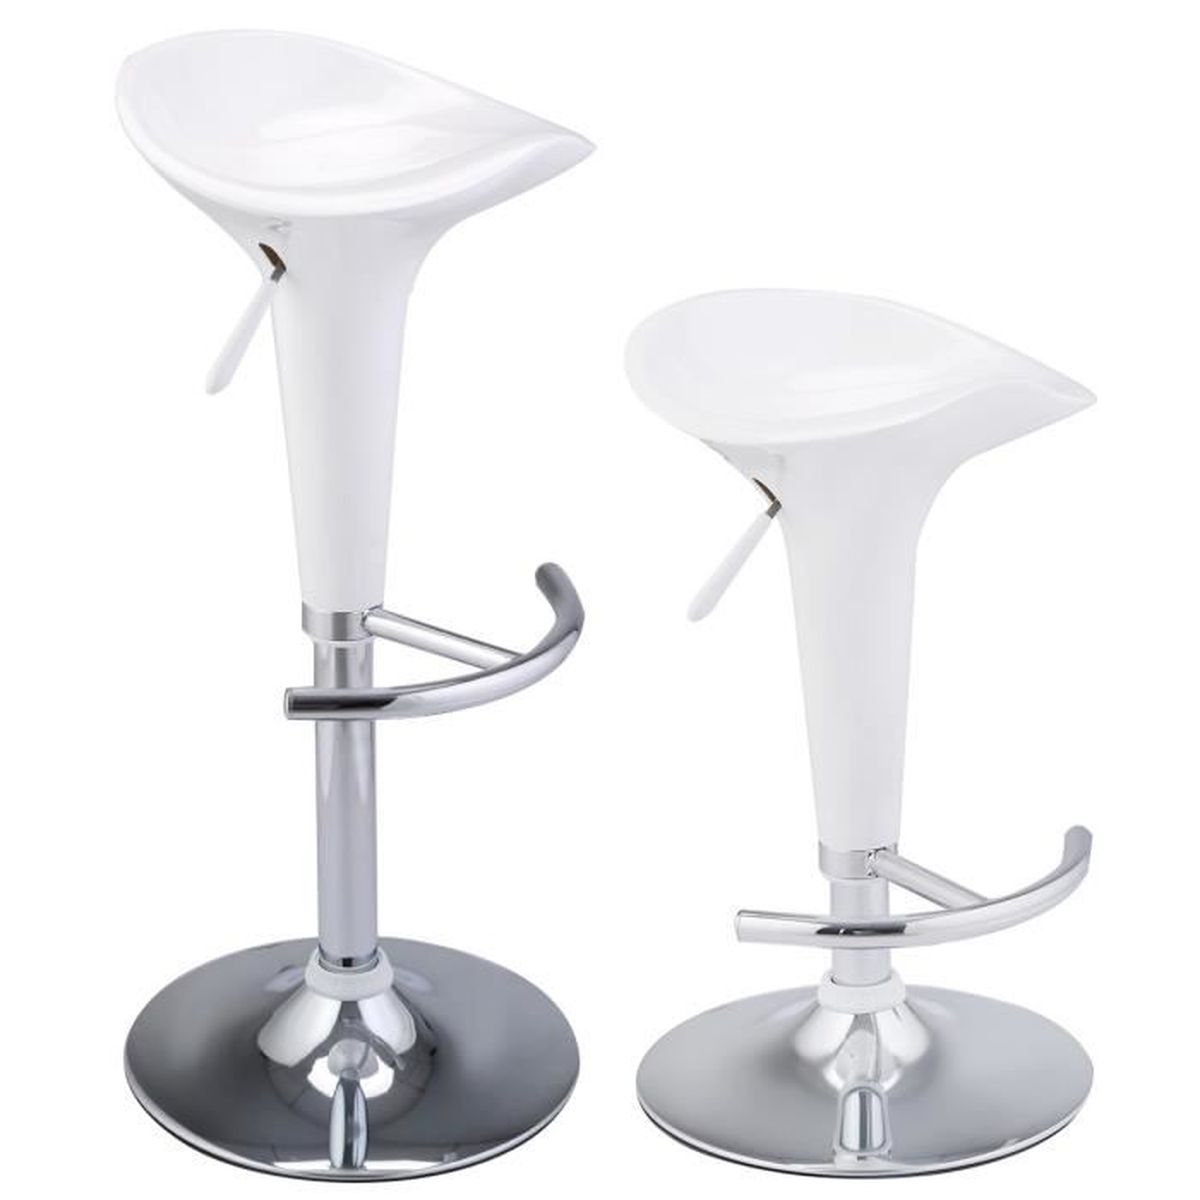 2 x tabouret de bar chaise de cuisine pivotante 360 hauteur r glable blanc achat vente. Black Bedroom Furniture Sets. Home Design Ideas